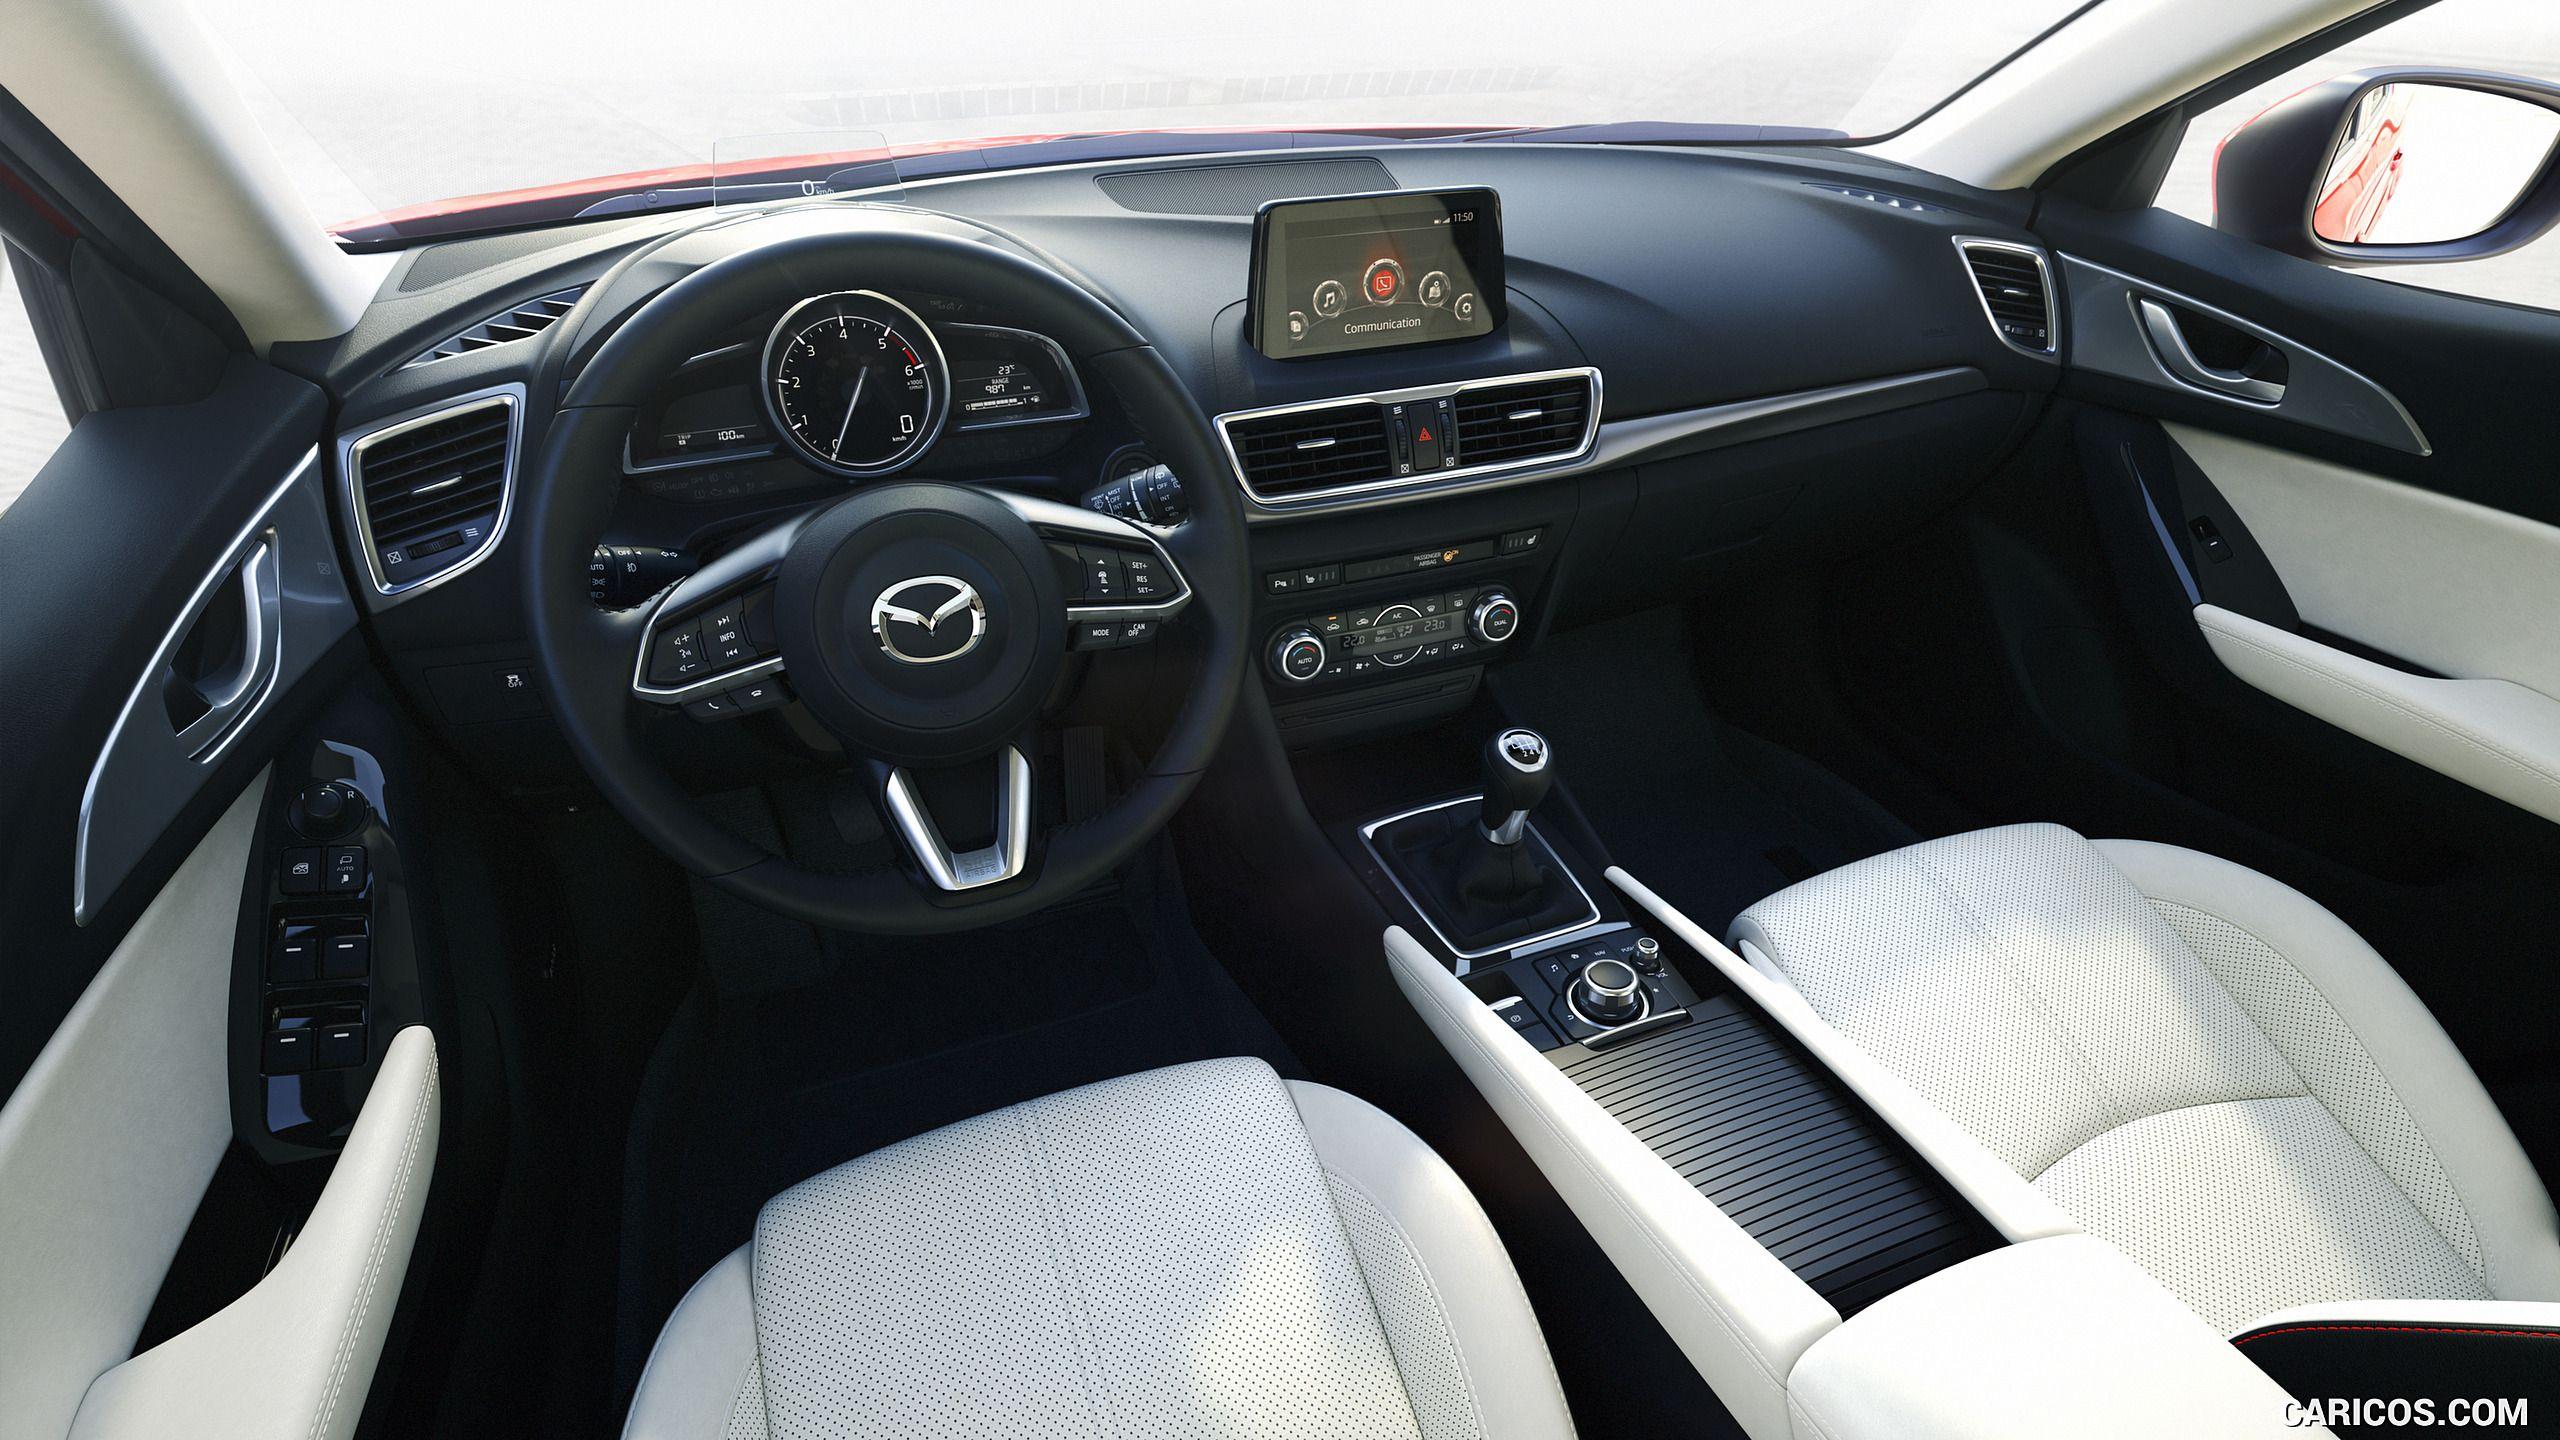 Kelebihan Kekurangan Mazda 3 Sedan 2017 Harga